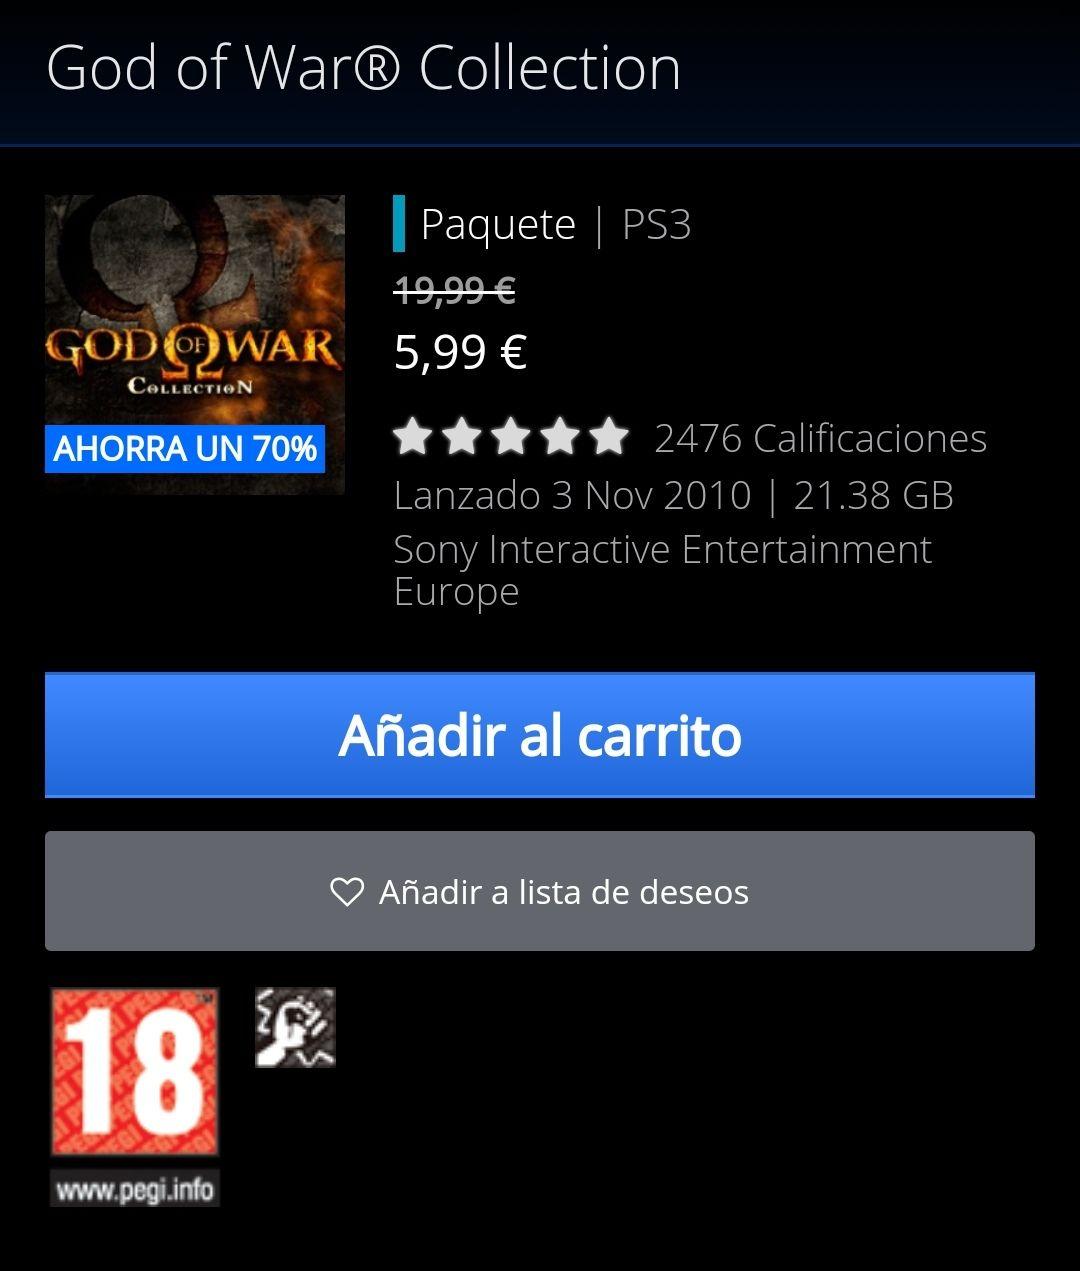 Coleccion God of War ps3